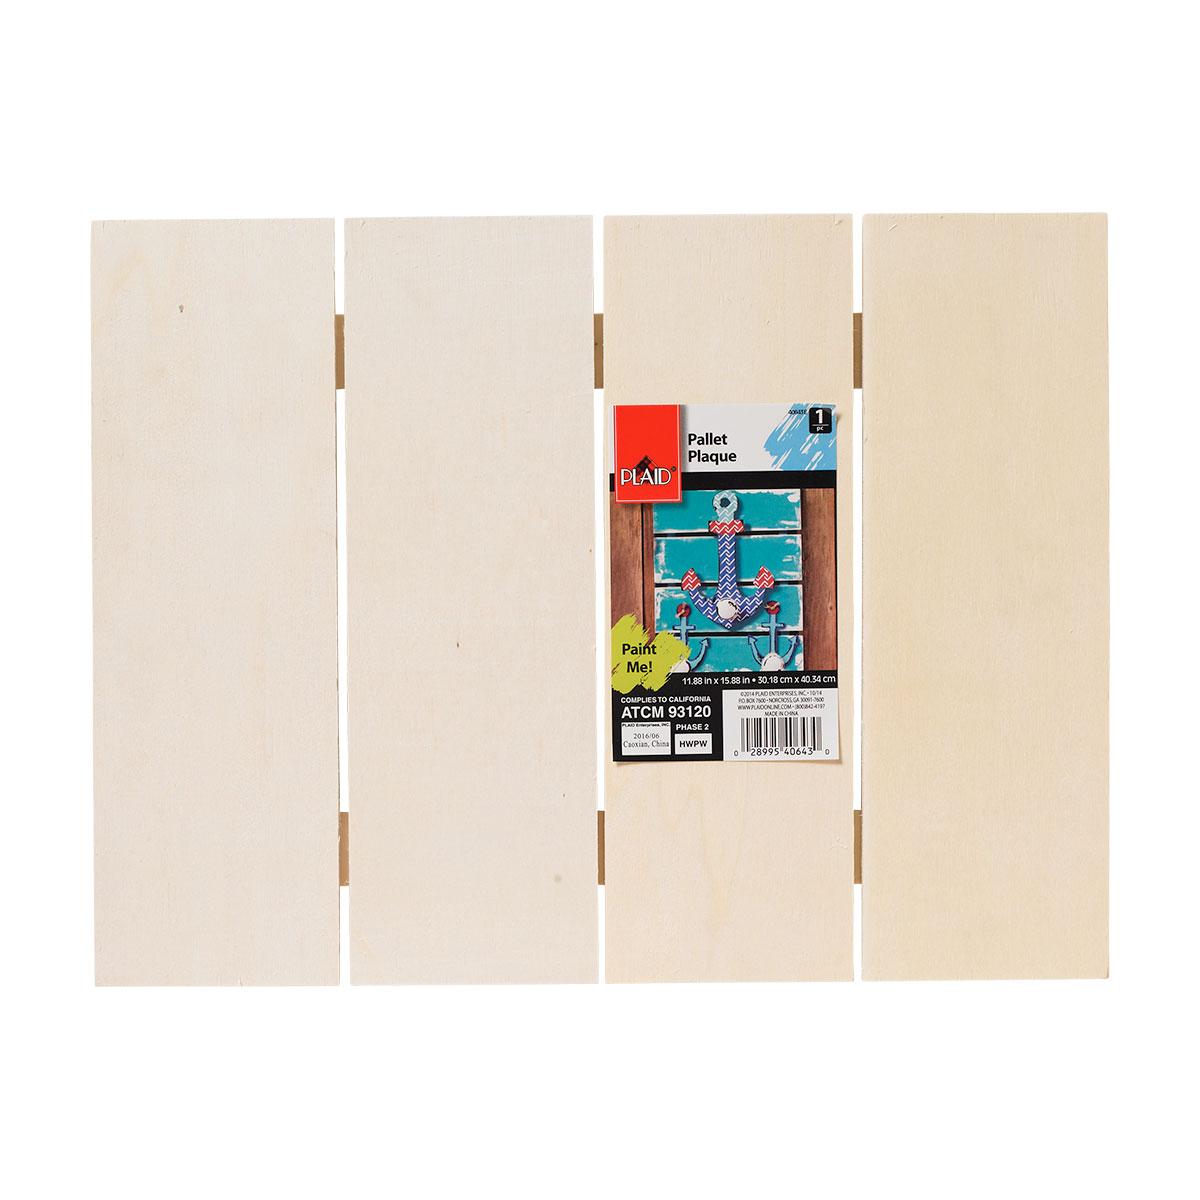 Plaid ® Wood Surfaces - Pallet Plaque, 15-3/4